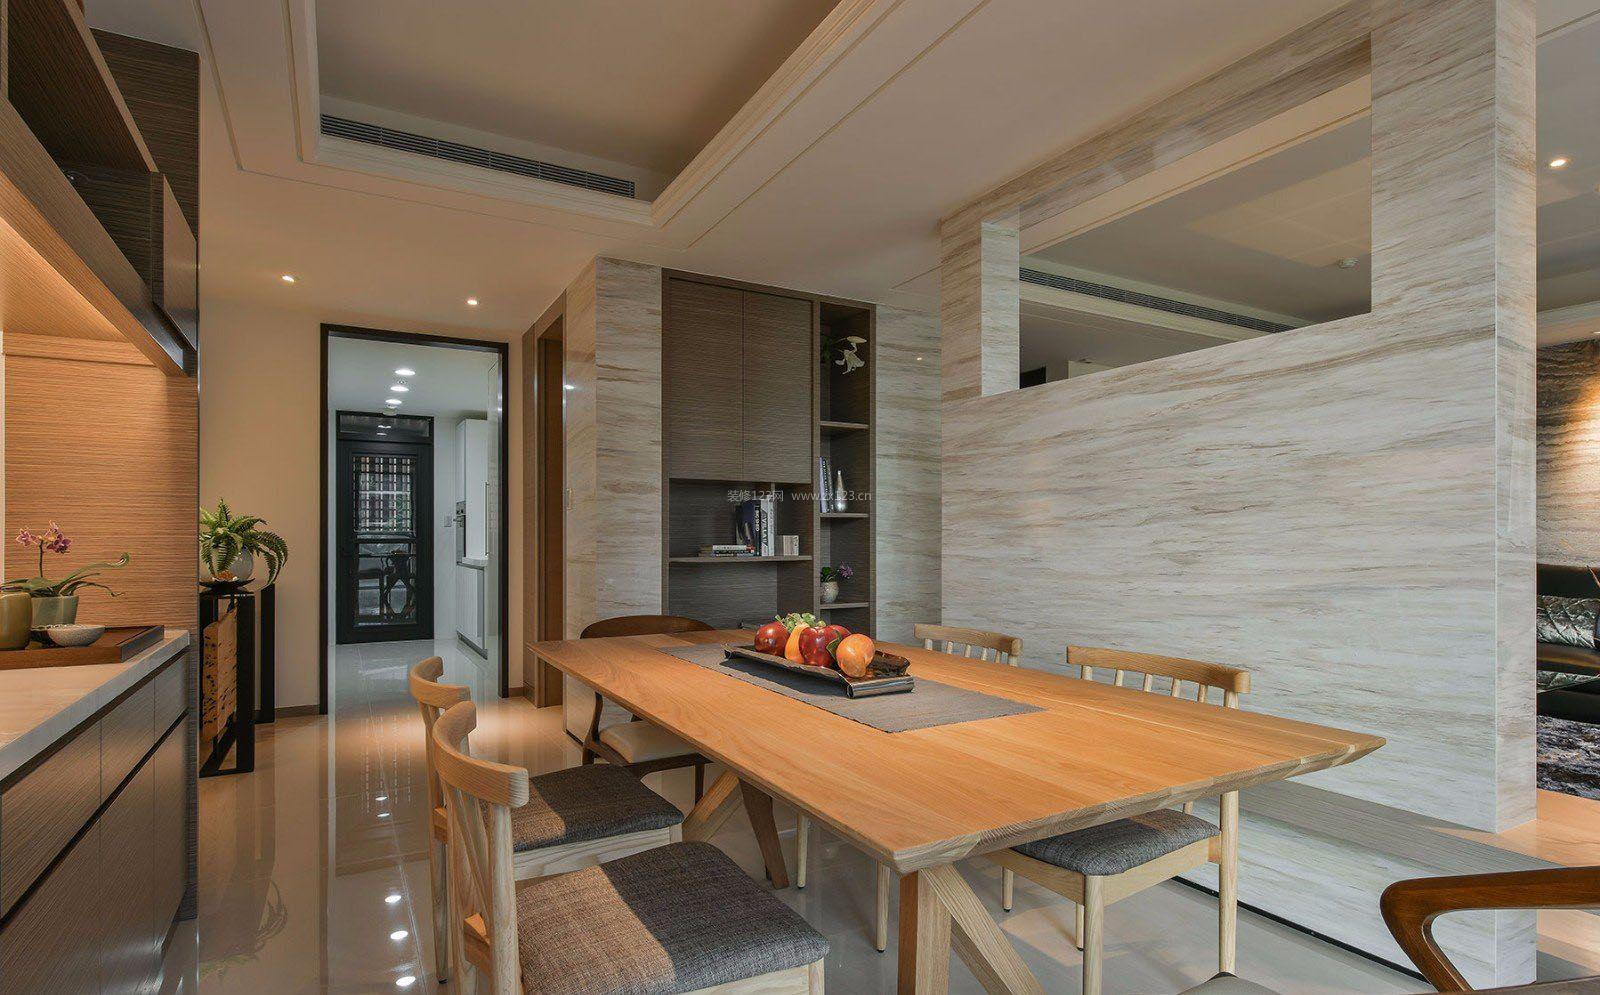 60平米房子室内餐厅装修效果图大全